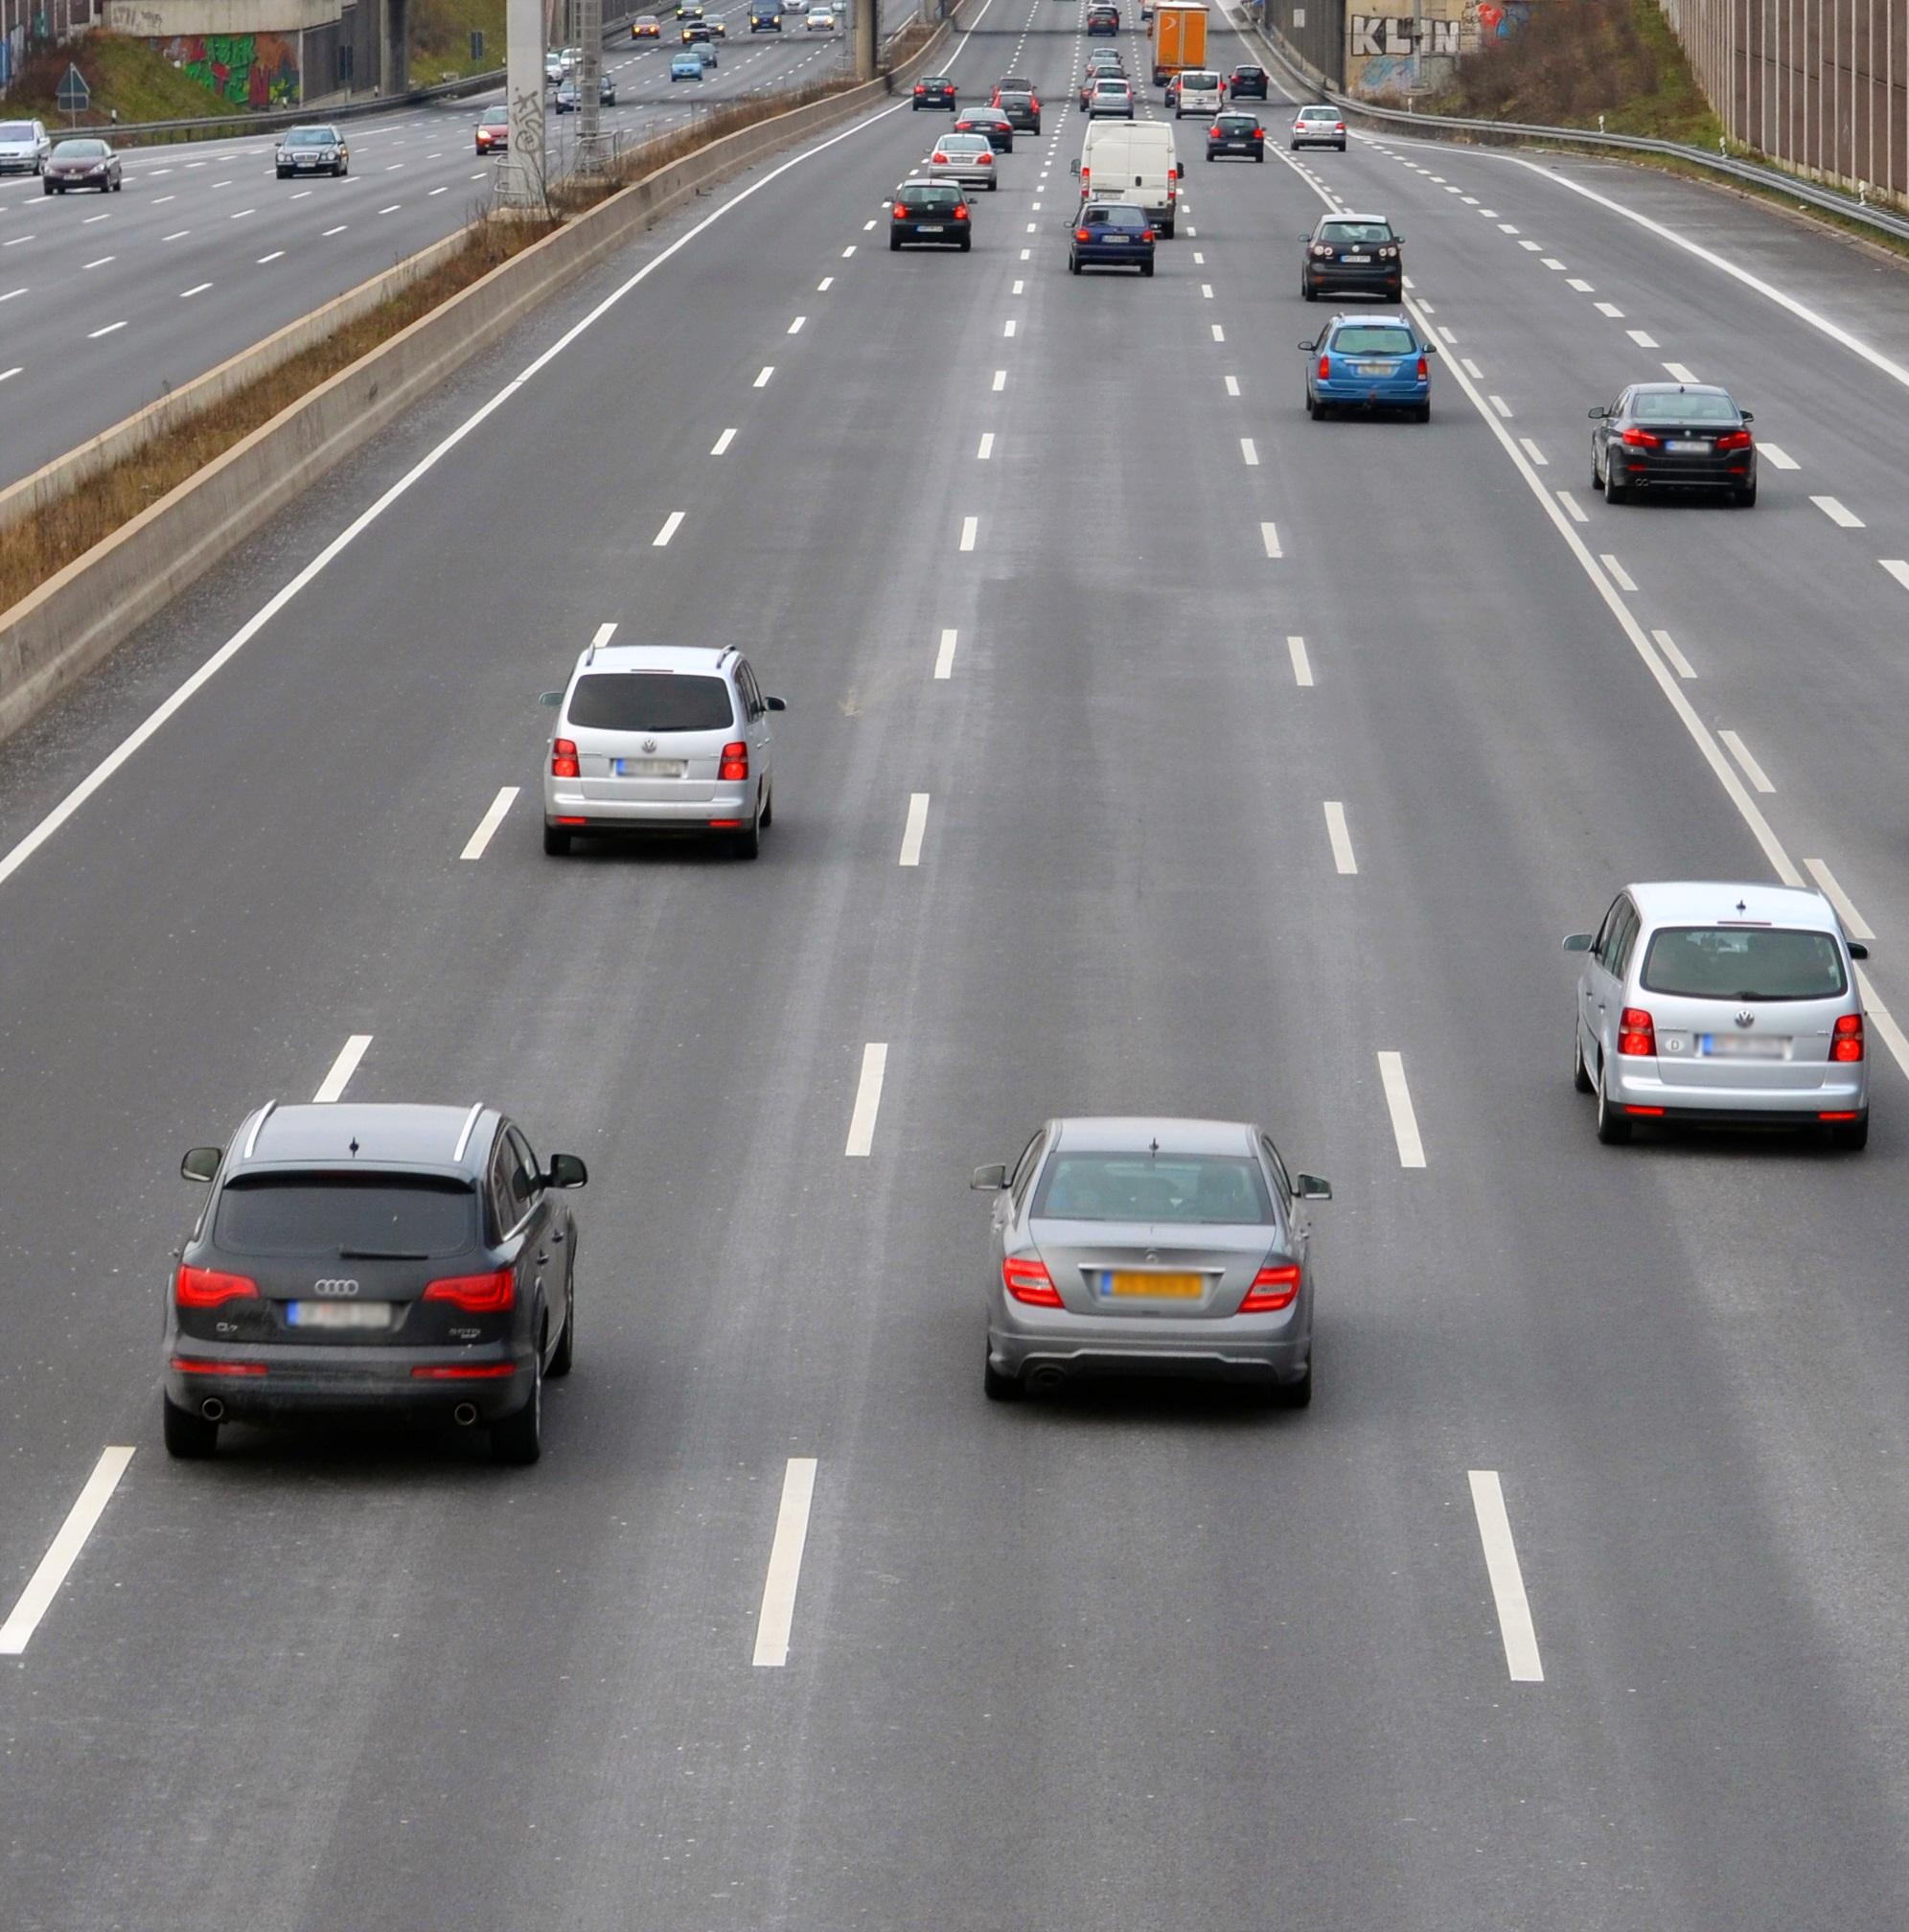 Free Images : road, bridge, car, driving, travel, lane, motor ...